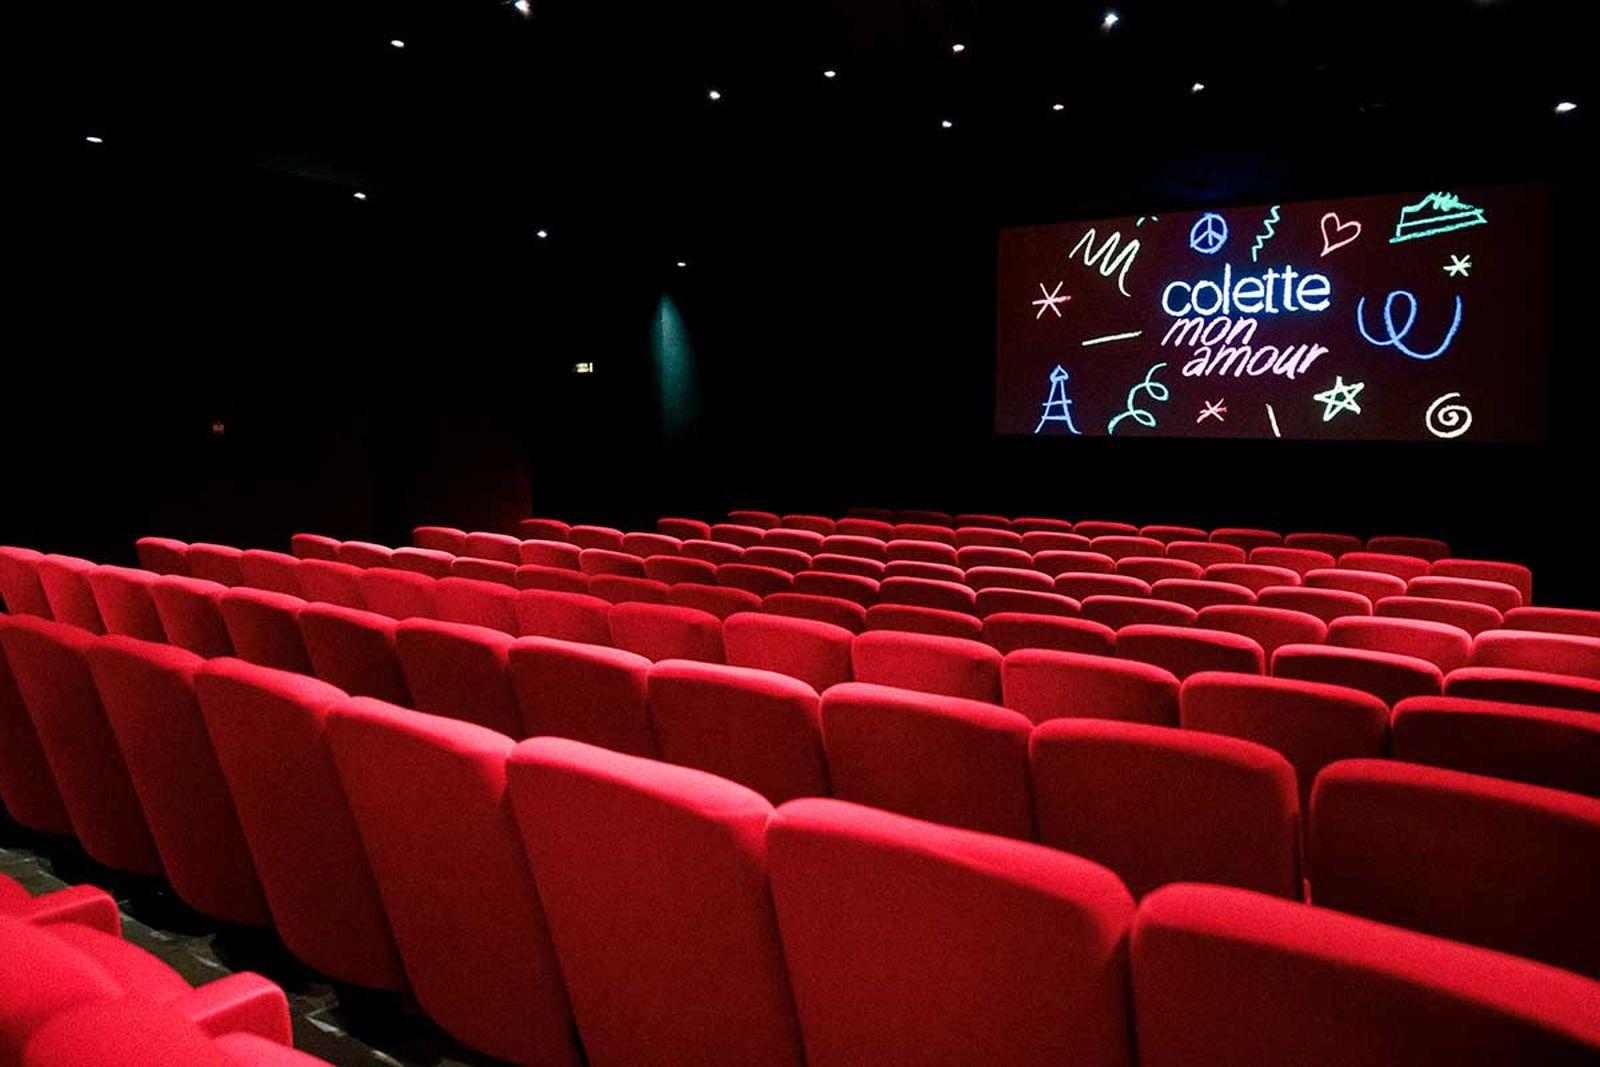 colette-paris-screening-recap-13